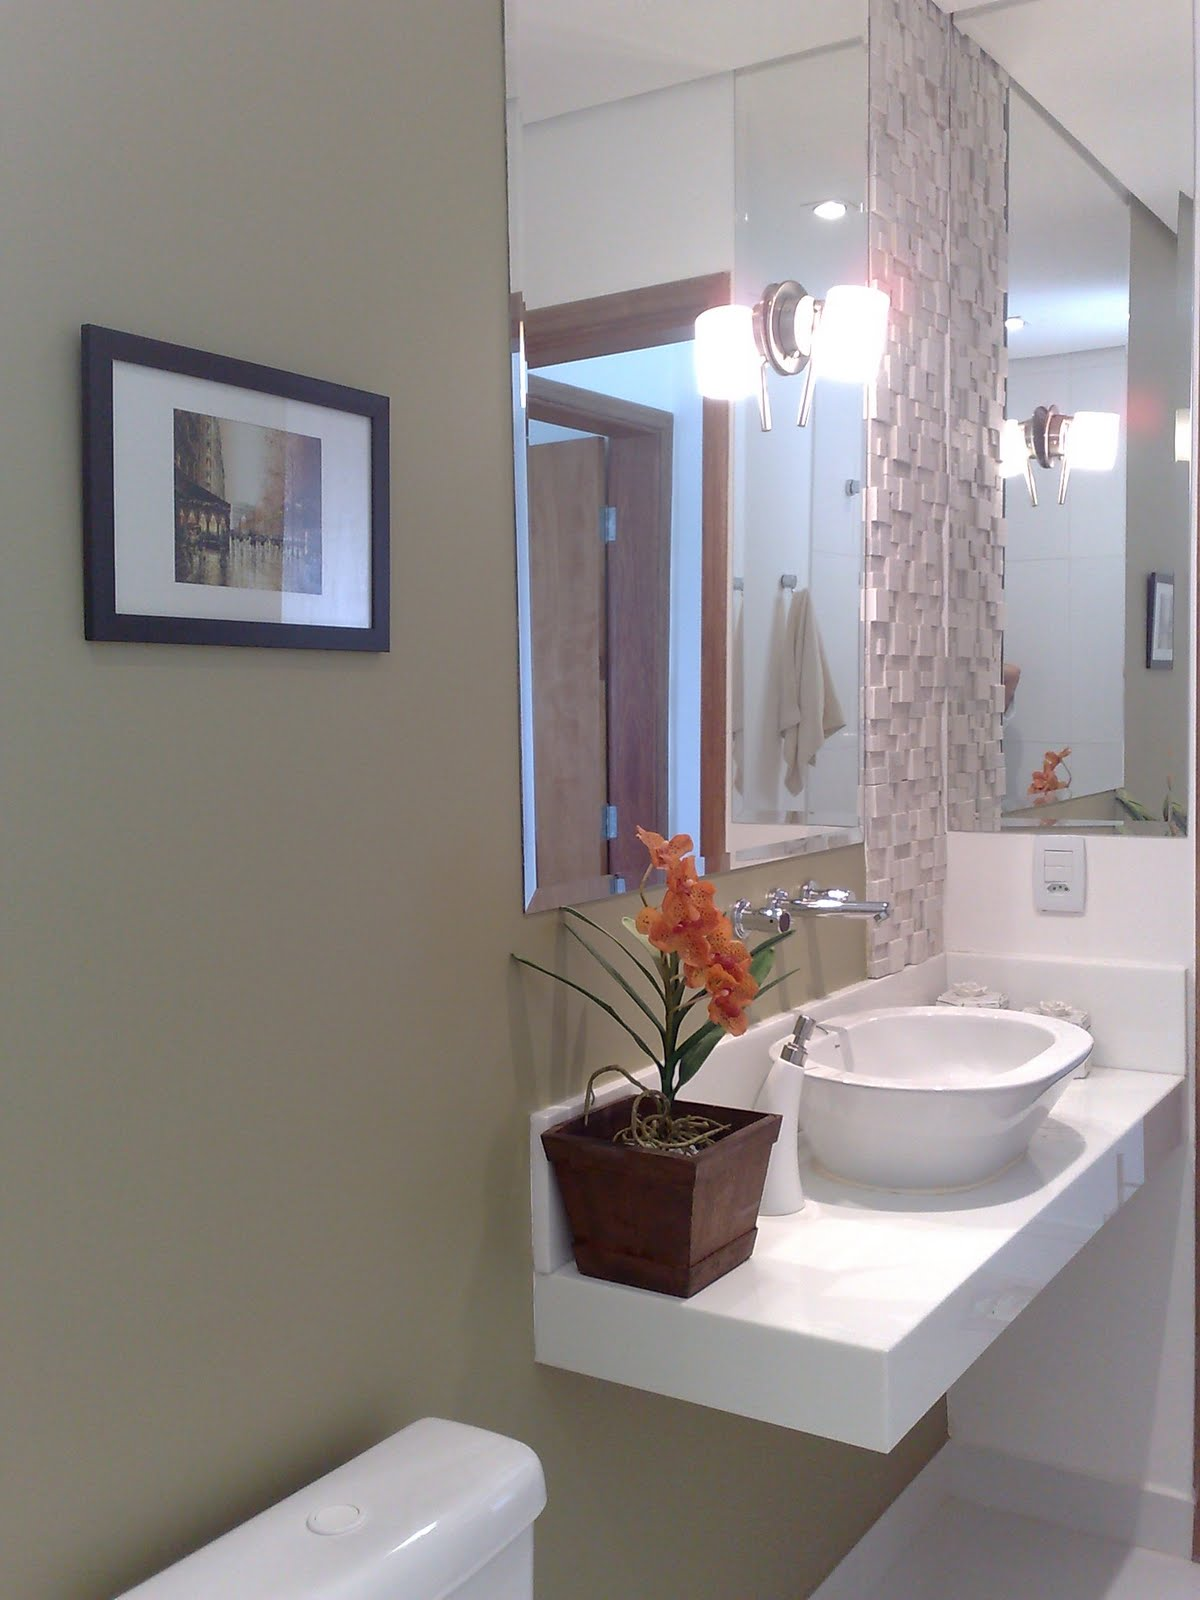 Construindo Minha Casa Clean: Projeto do Lavabo! #3A5C91 1200 1600